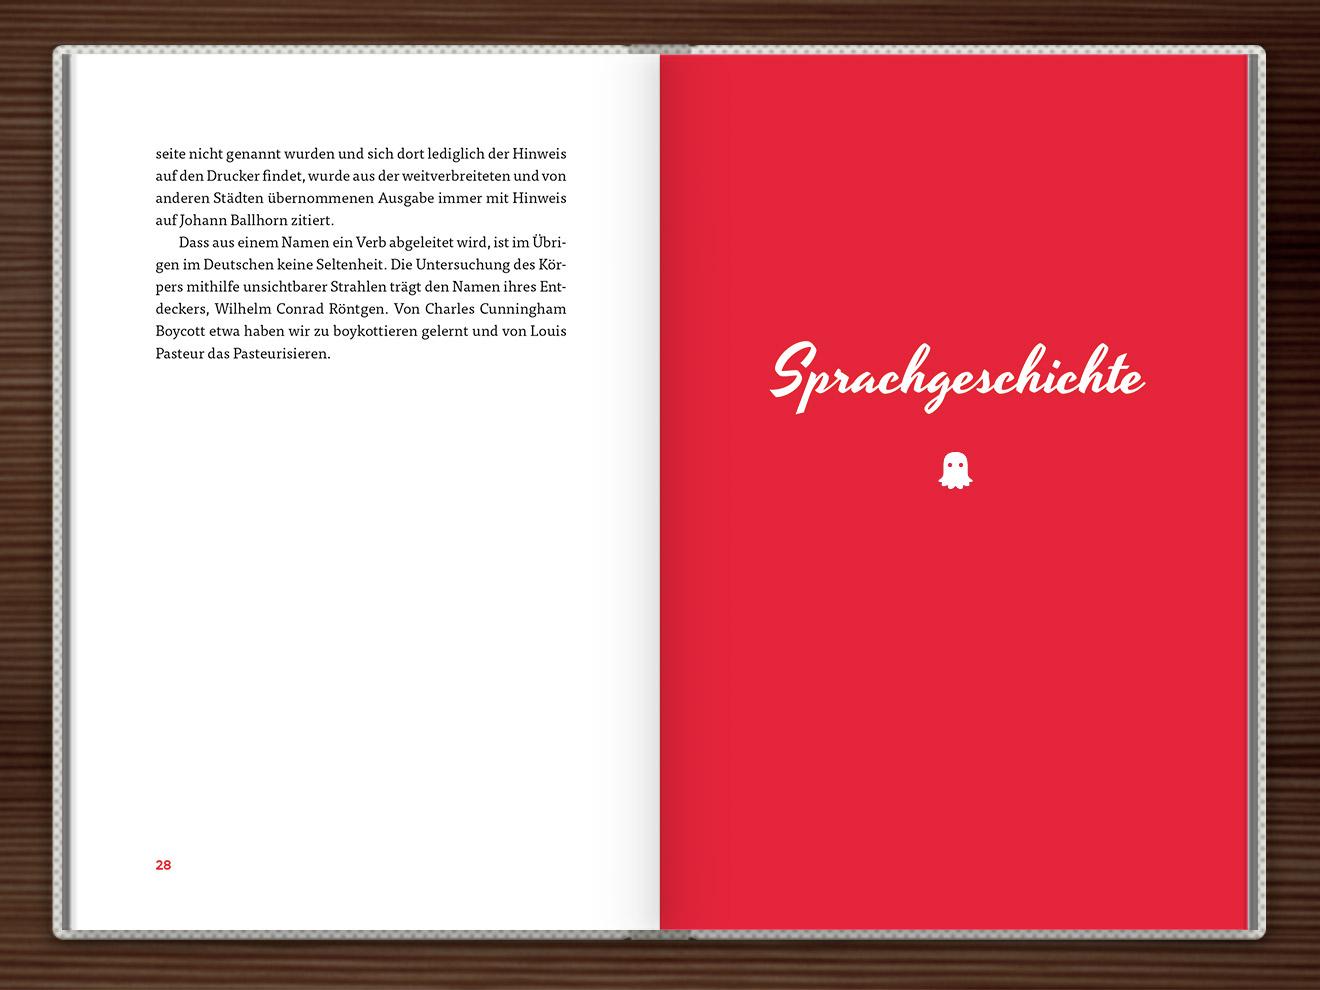 Sprachgeschichte im Buch Du hast das Wort, Schätzchen! 100 charmante Geschichten rund um die Sprache im Duden Verlag von Rita Mielke mit Illustrationen im Sixties-Stil von Iris Luckhaus